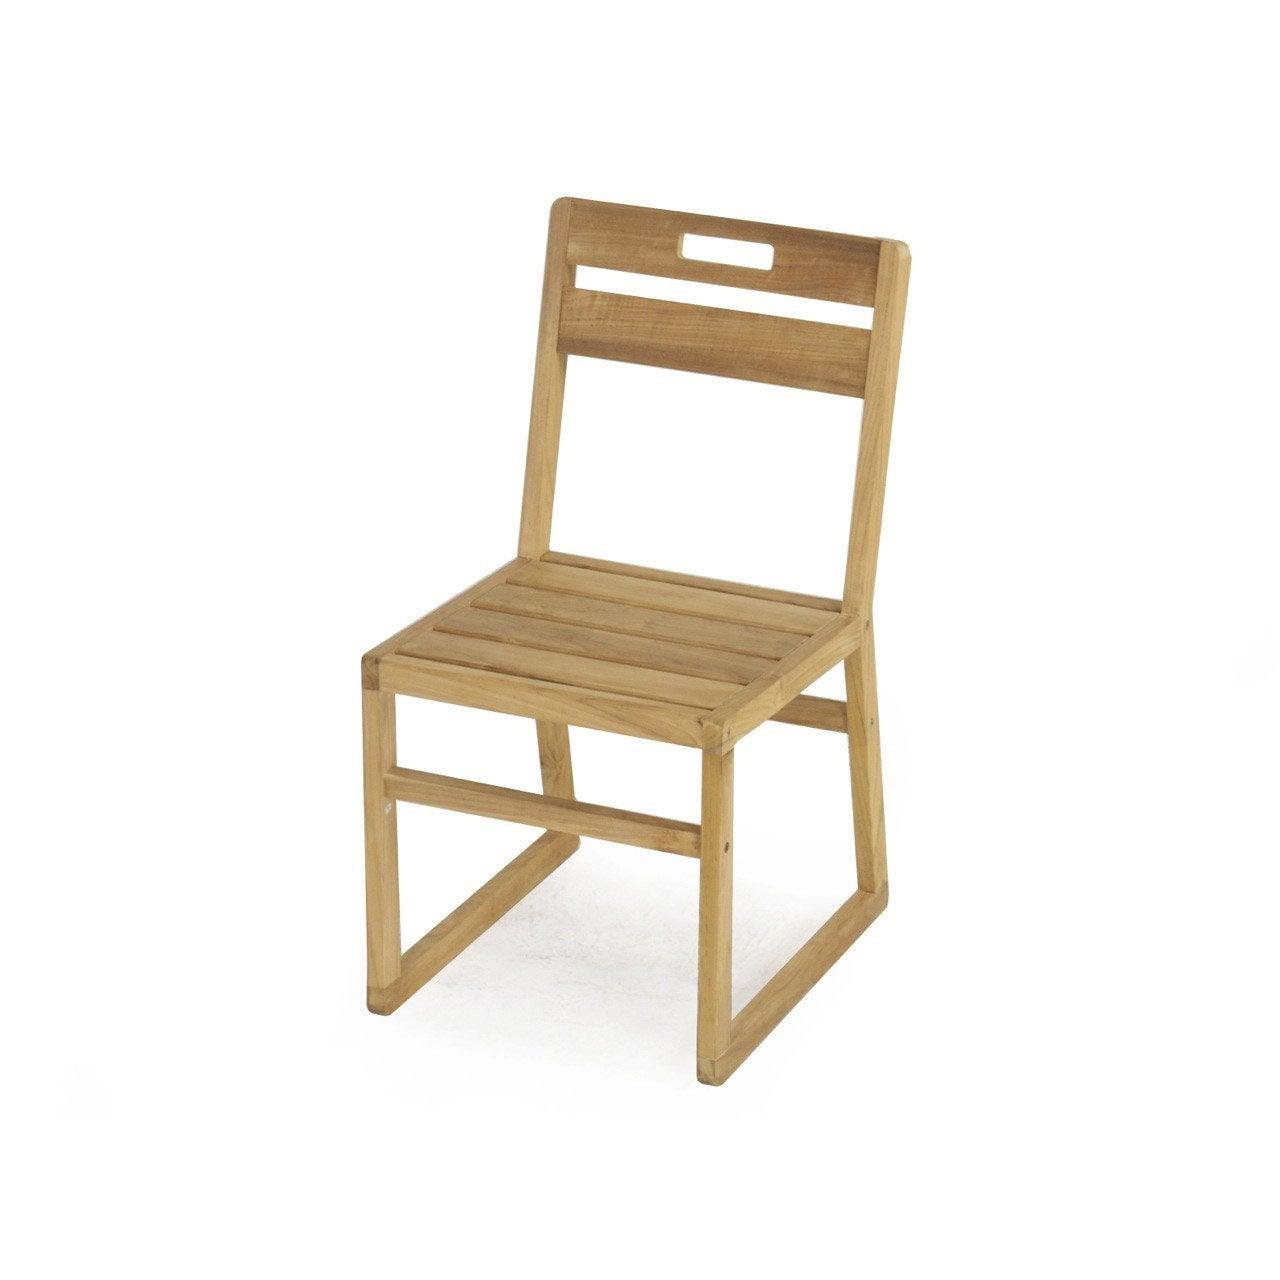 Chaise longue jardin truffaut - Chaise de jardin truffaut ...